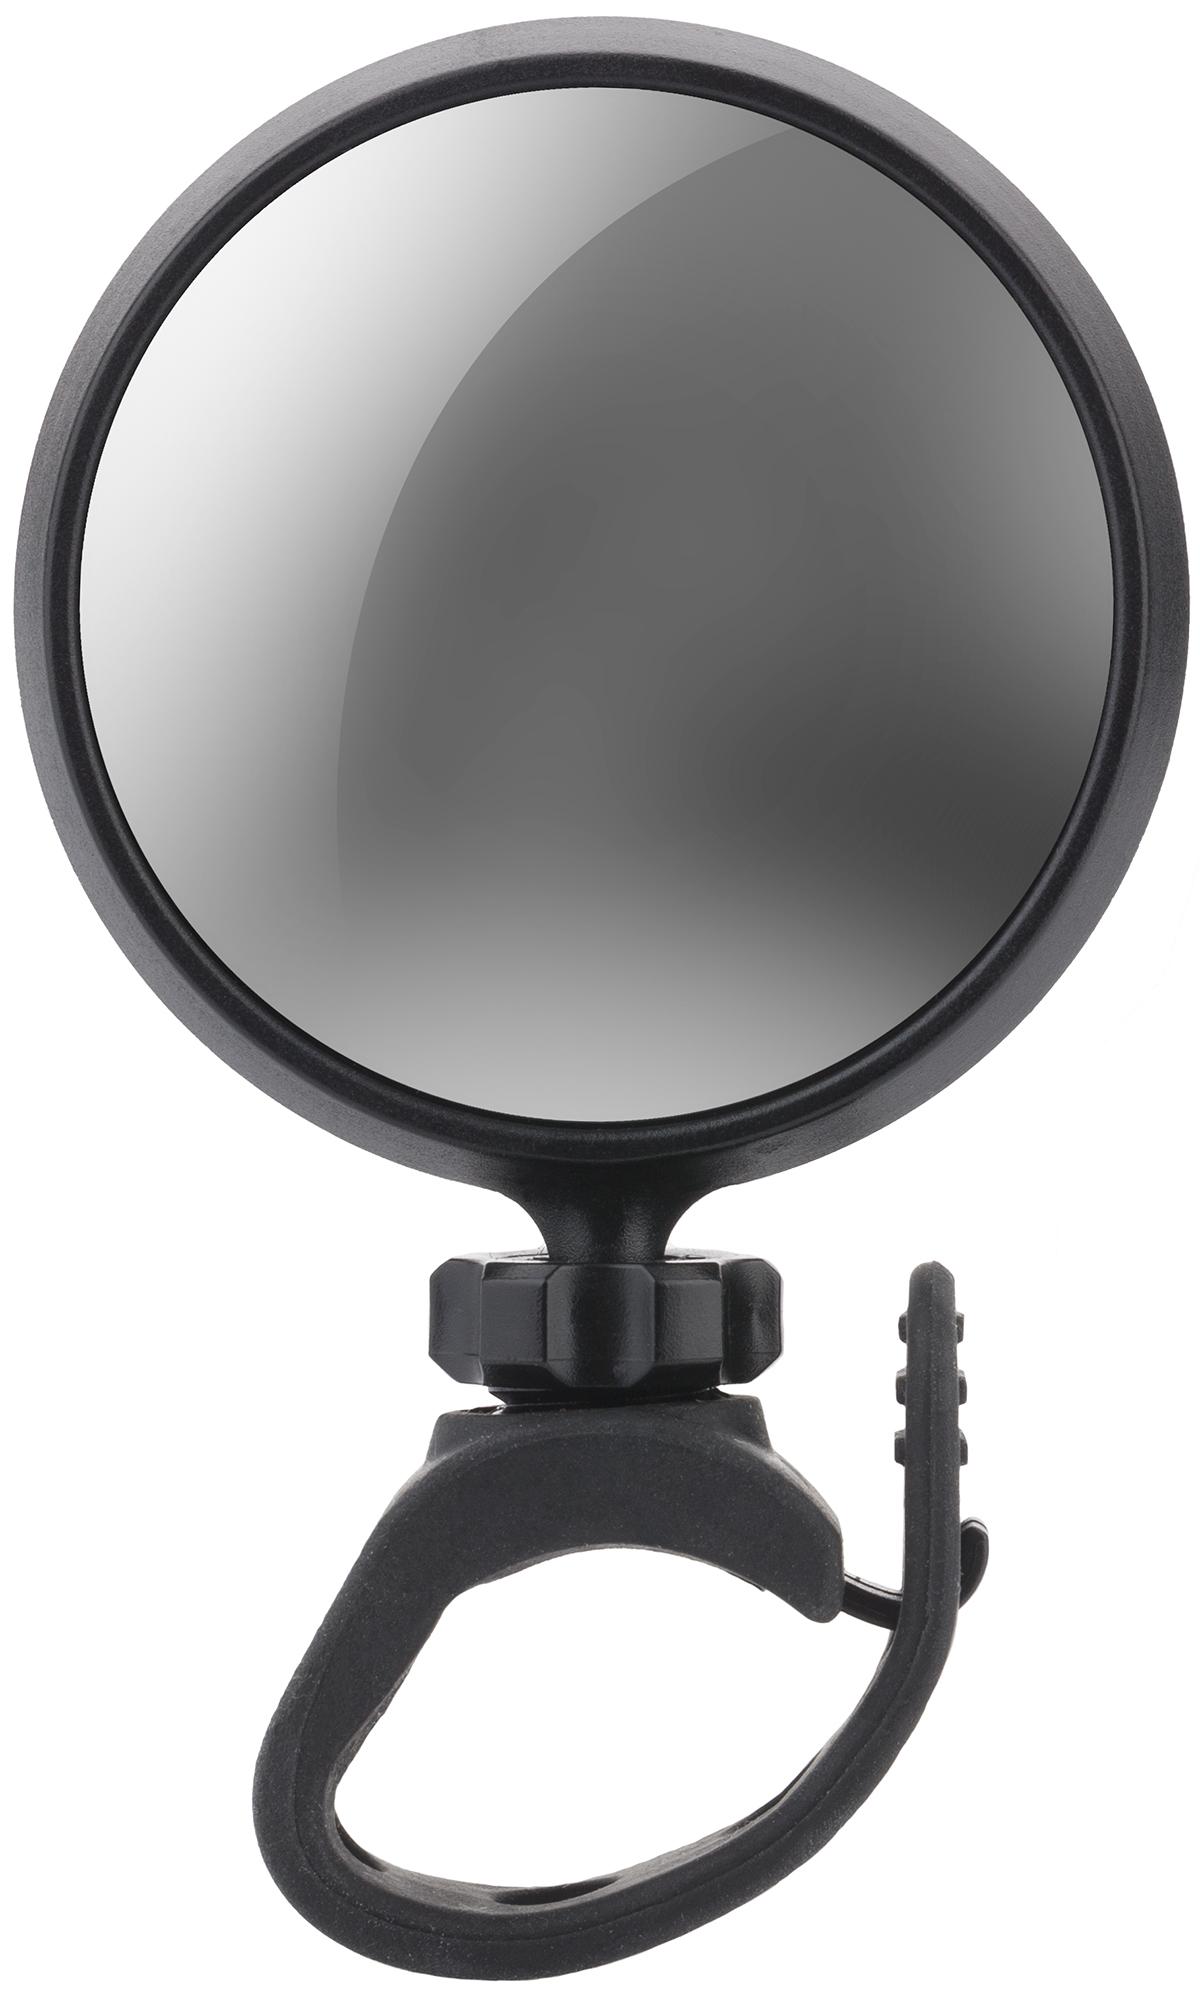 Stern Зеркало заднего вида Stern мотоцикл зеркало аксессуары электрического велосипеда зеркало заднего вида универсальный рефлектор алюминиевого сплава